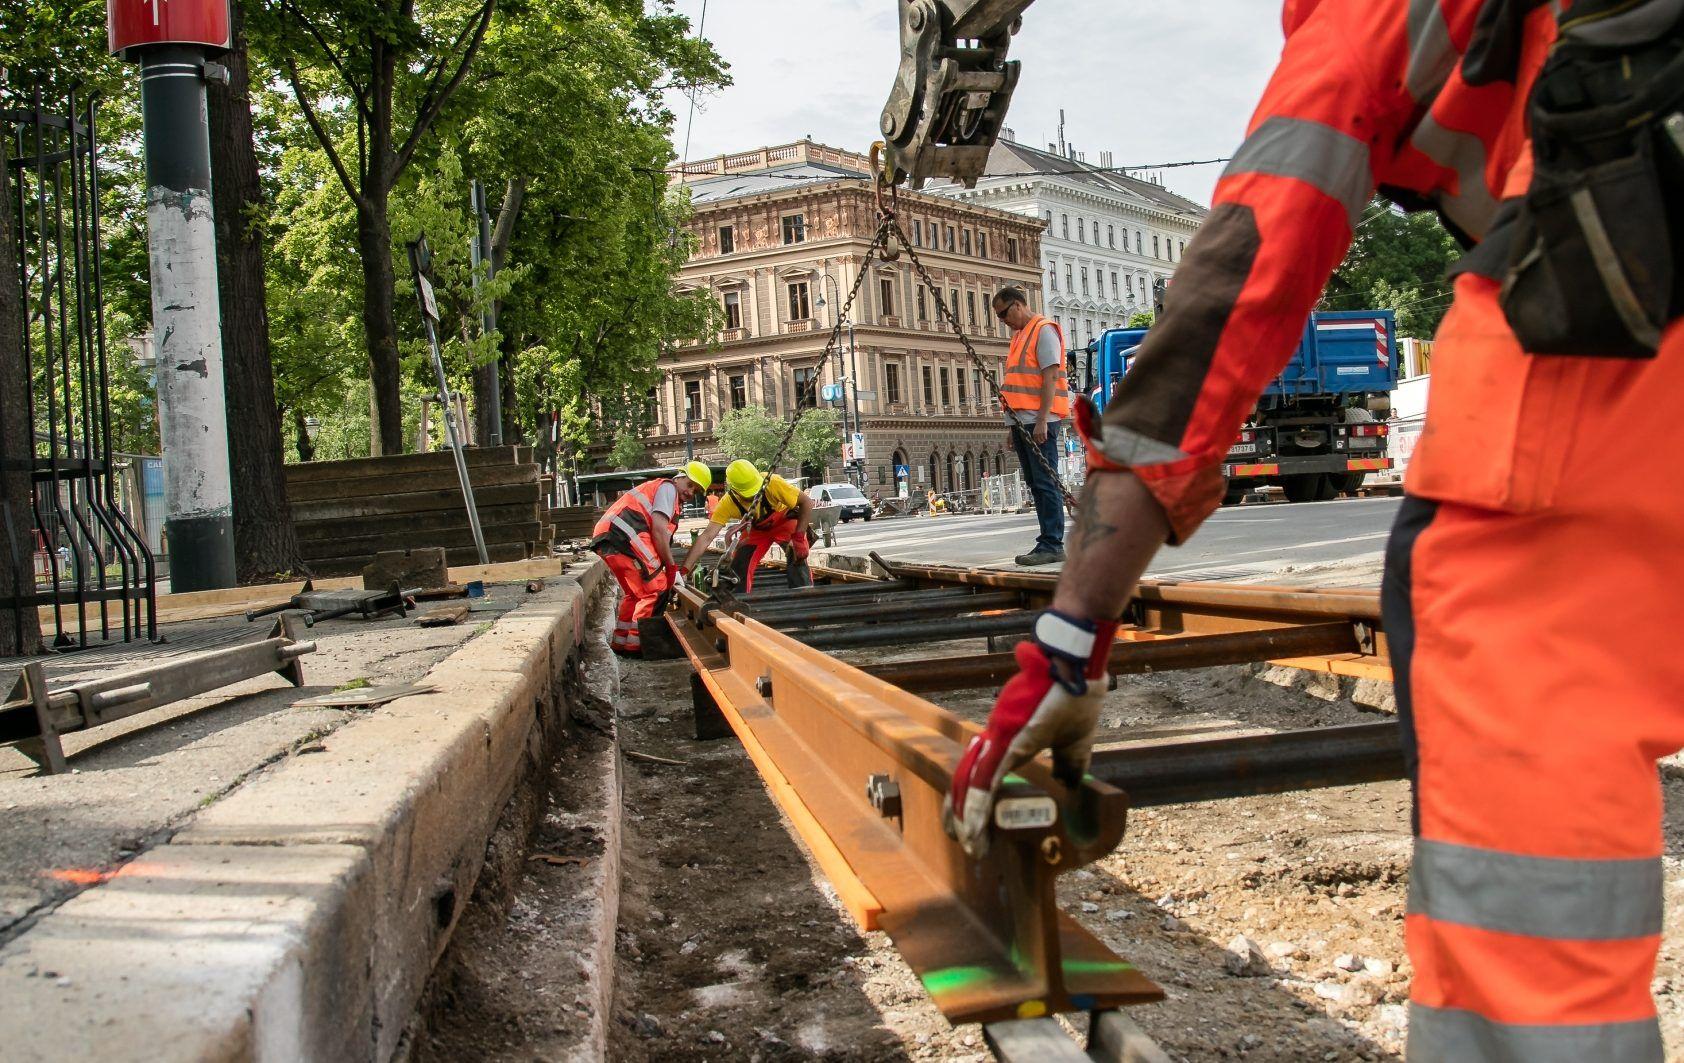 Gleisarbeiten in Wien: Staus auf Ring, Unterer Donaustraße und Praterstraße befürchtet